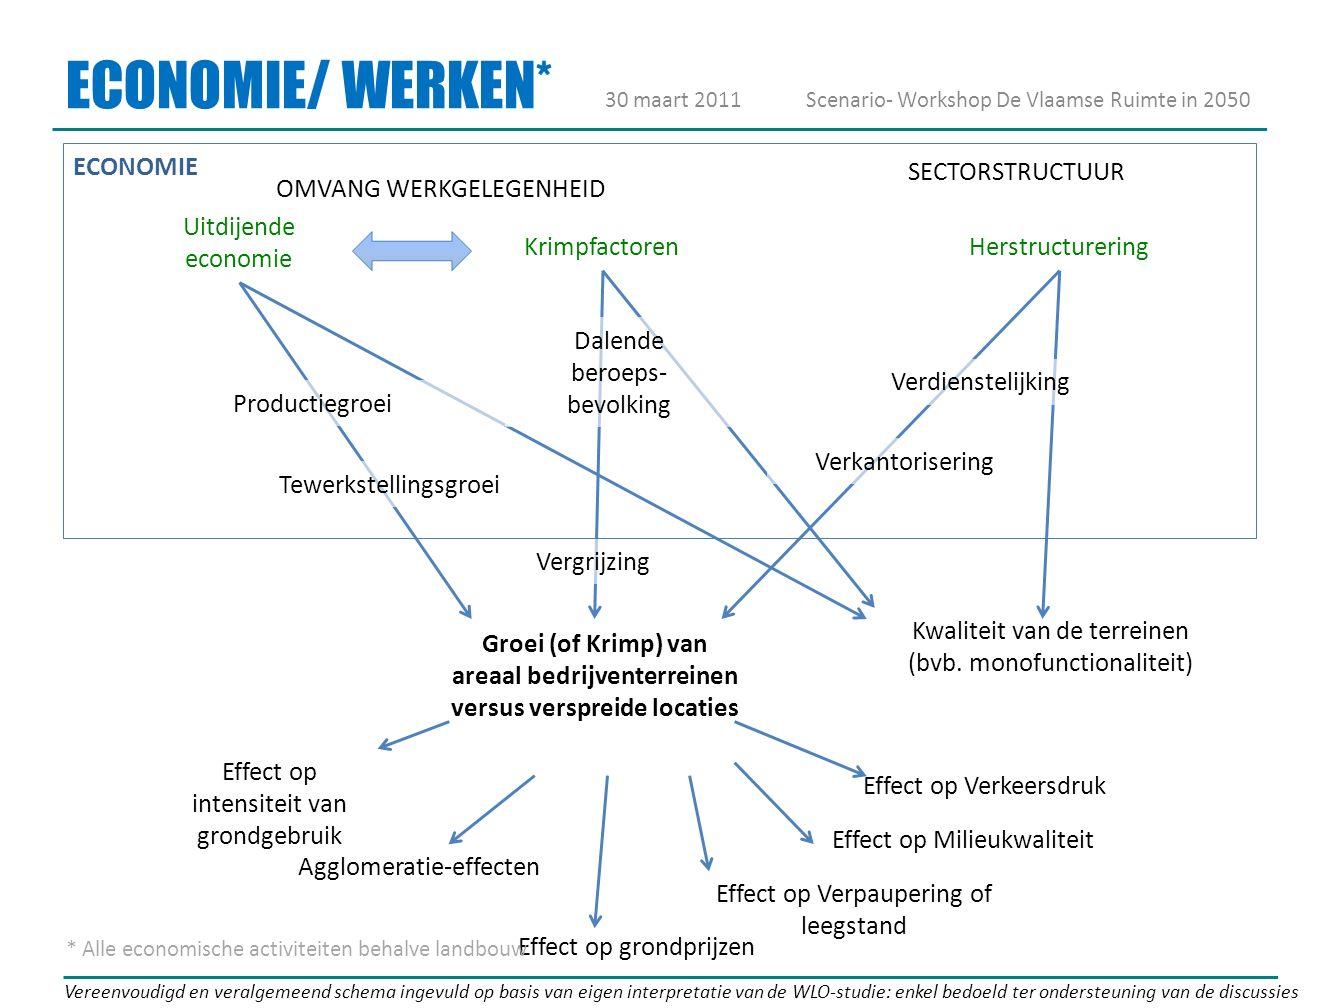 30 maart 2011Scenario- Workshop De Vlaamse Ruimte in 2050 ECONOMIE/ WERKEN* Groei (of Krimp) van areaal bedrijventerreinen versus verspreide locaties